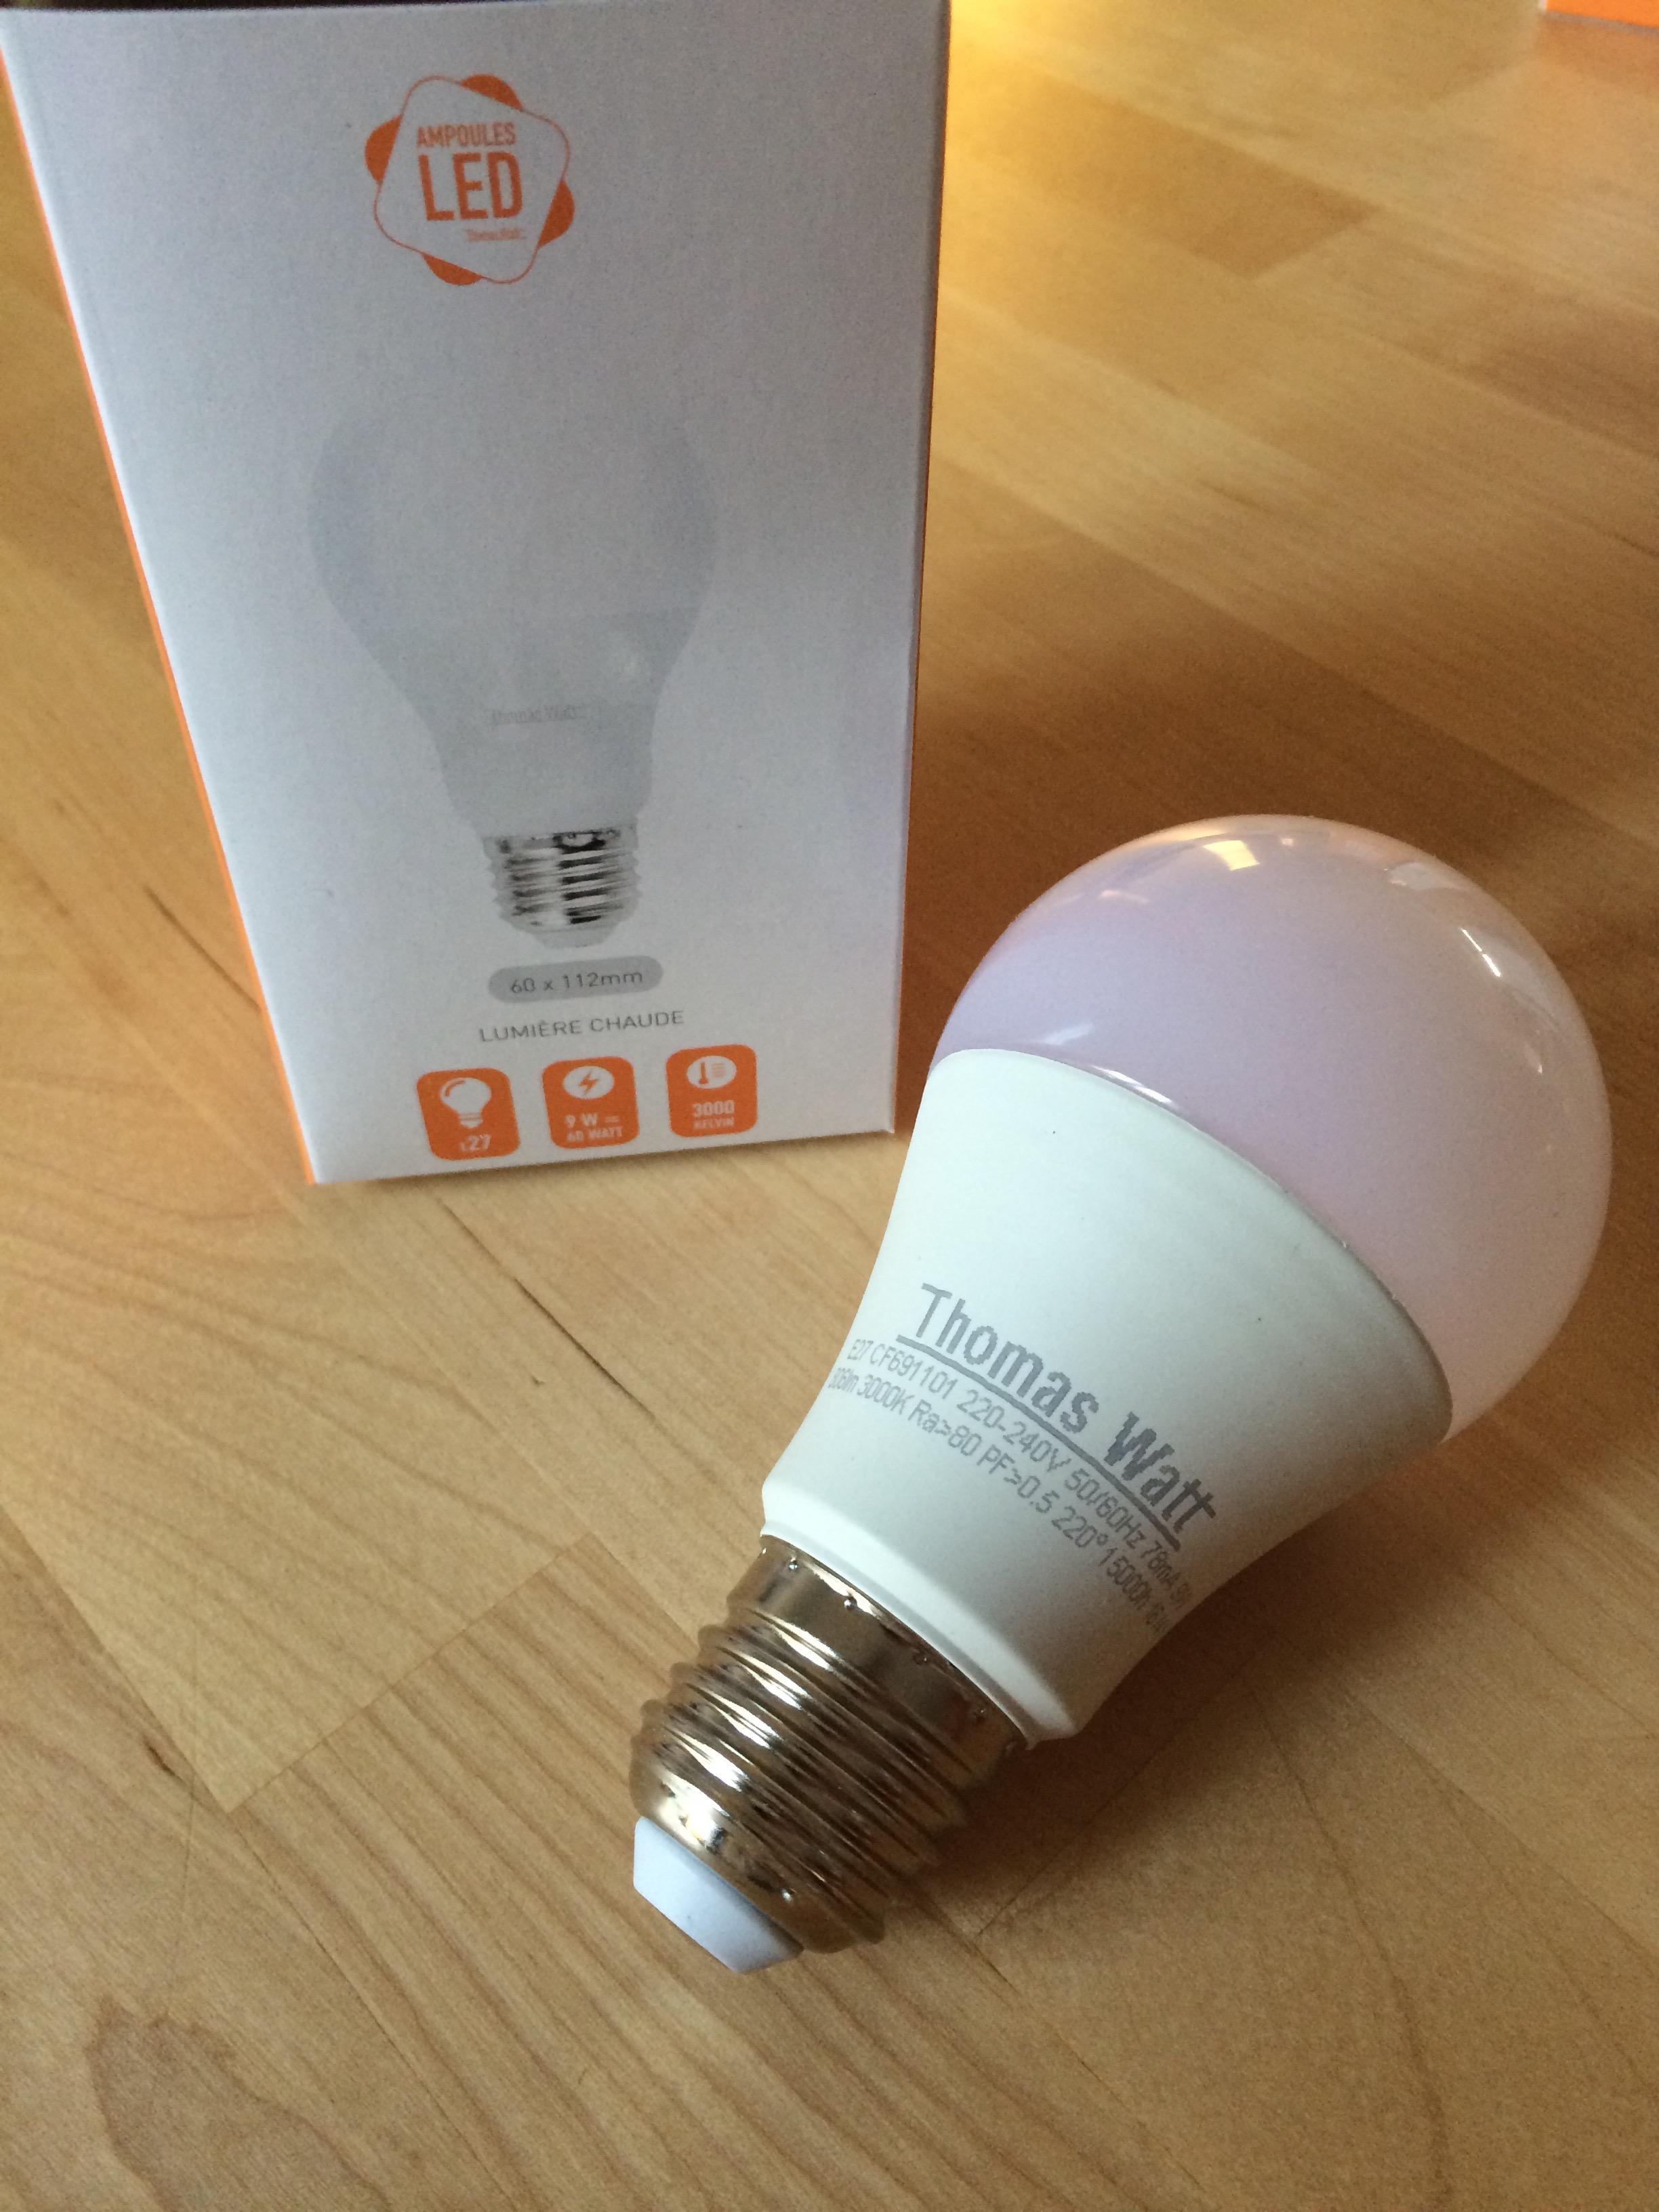 J'ai reçu mes ampoules gratuites